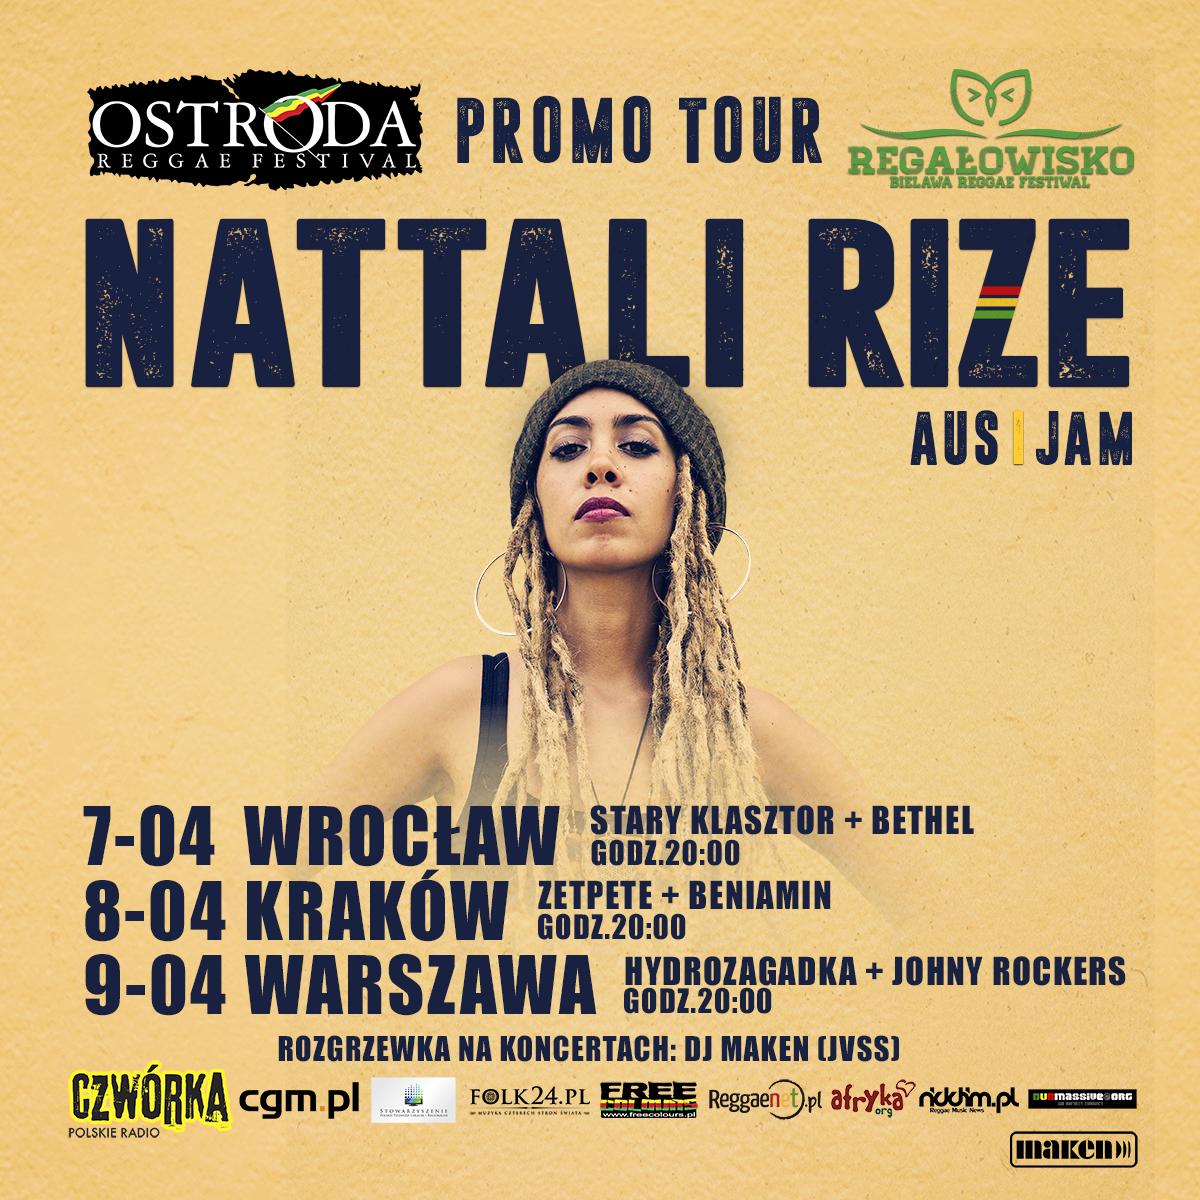 Ostróda Reggae Festival & Festiwal Regałowisko Bielawa łączą siły we wspólnym promo tour z Nattali Rize